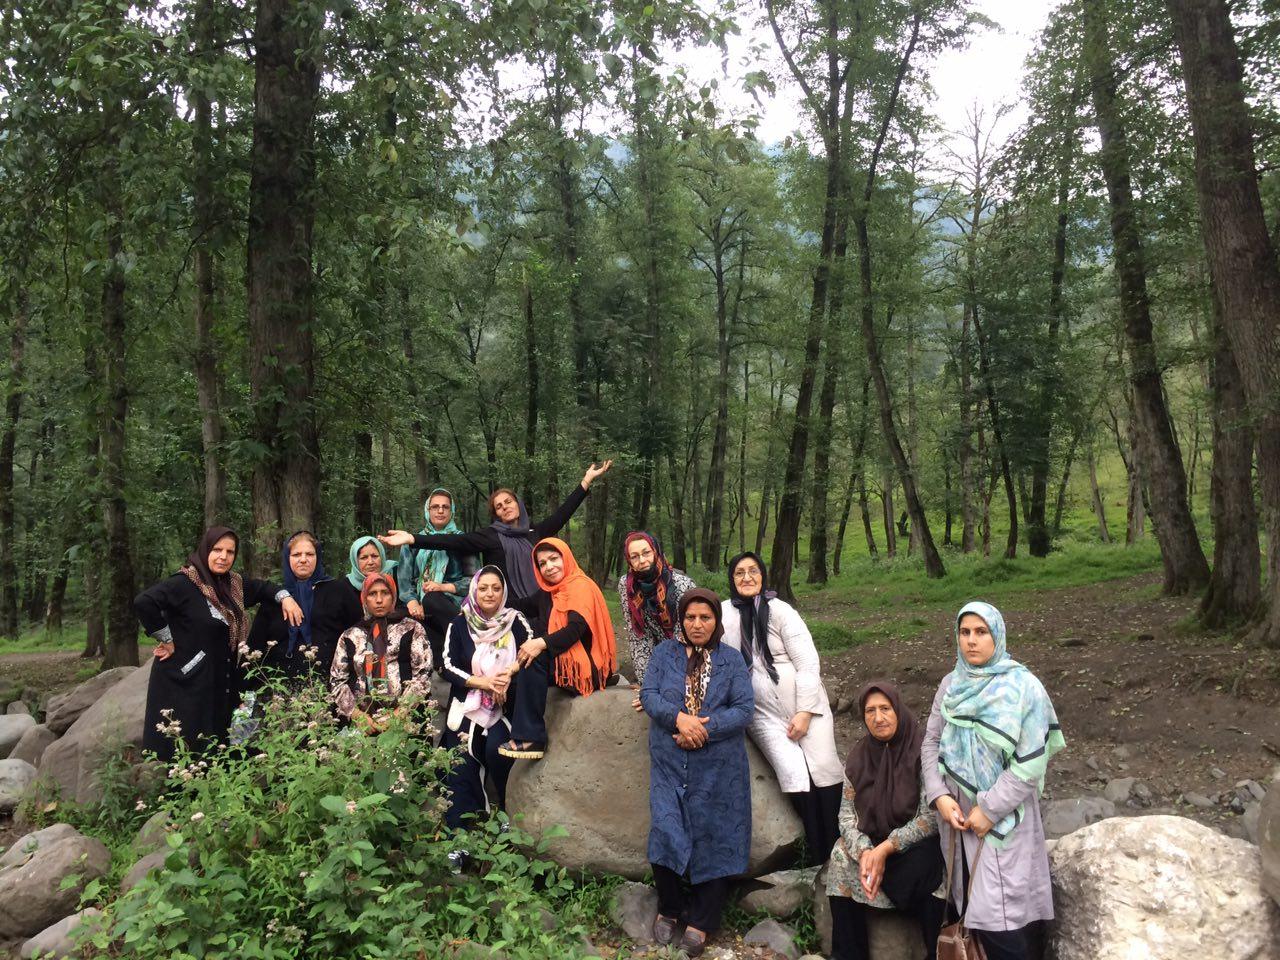 سفر طبیعت درمانی به جنگل های مازندران منطقه لفور تابستان 1393